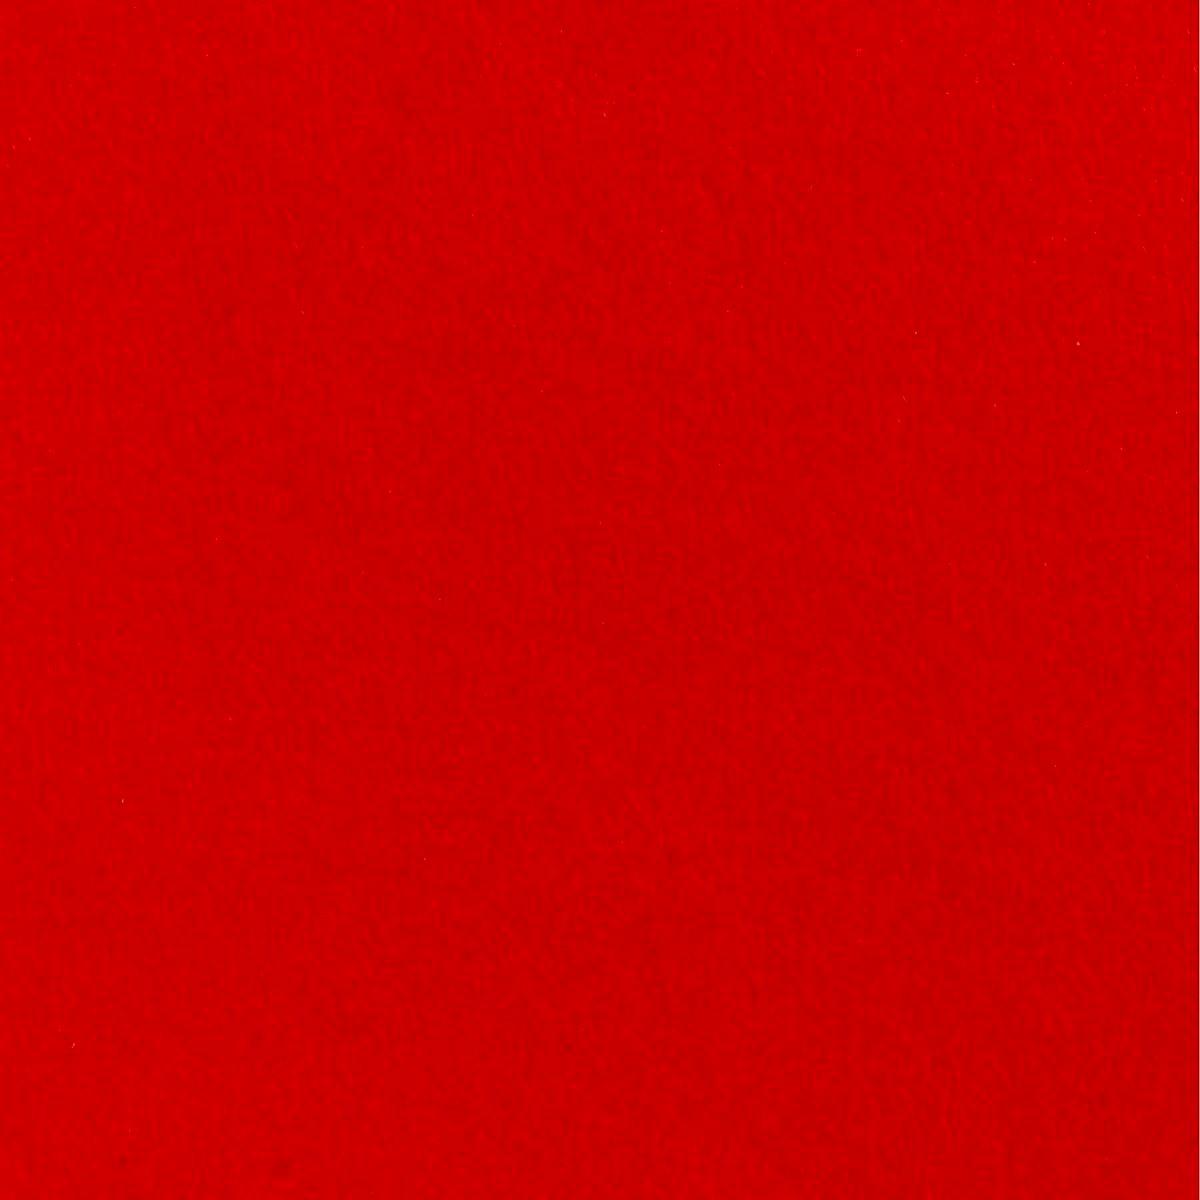 Röd [-5 600 kr]